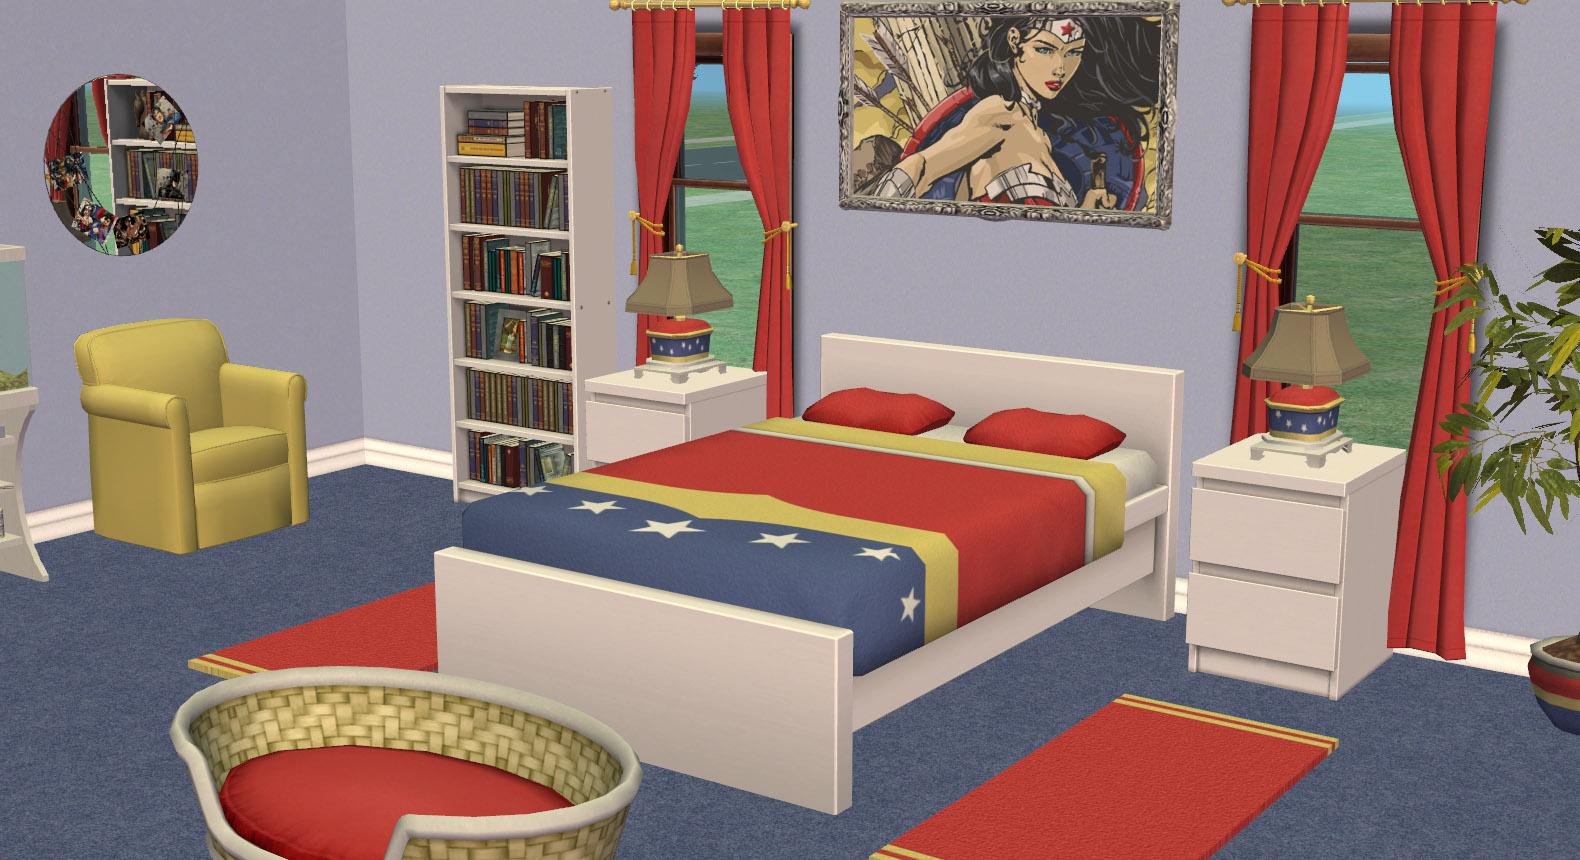 Justice Bedroom Decor